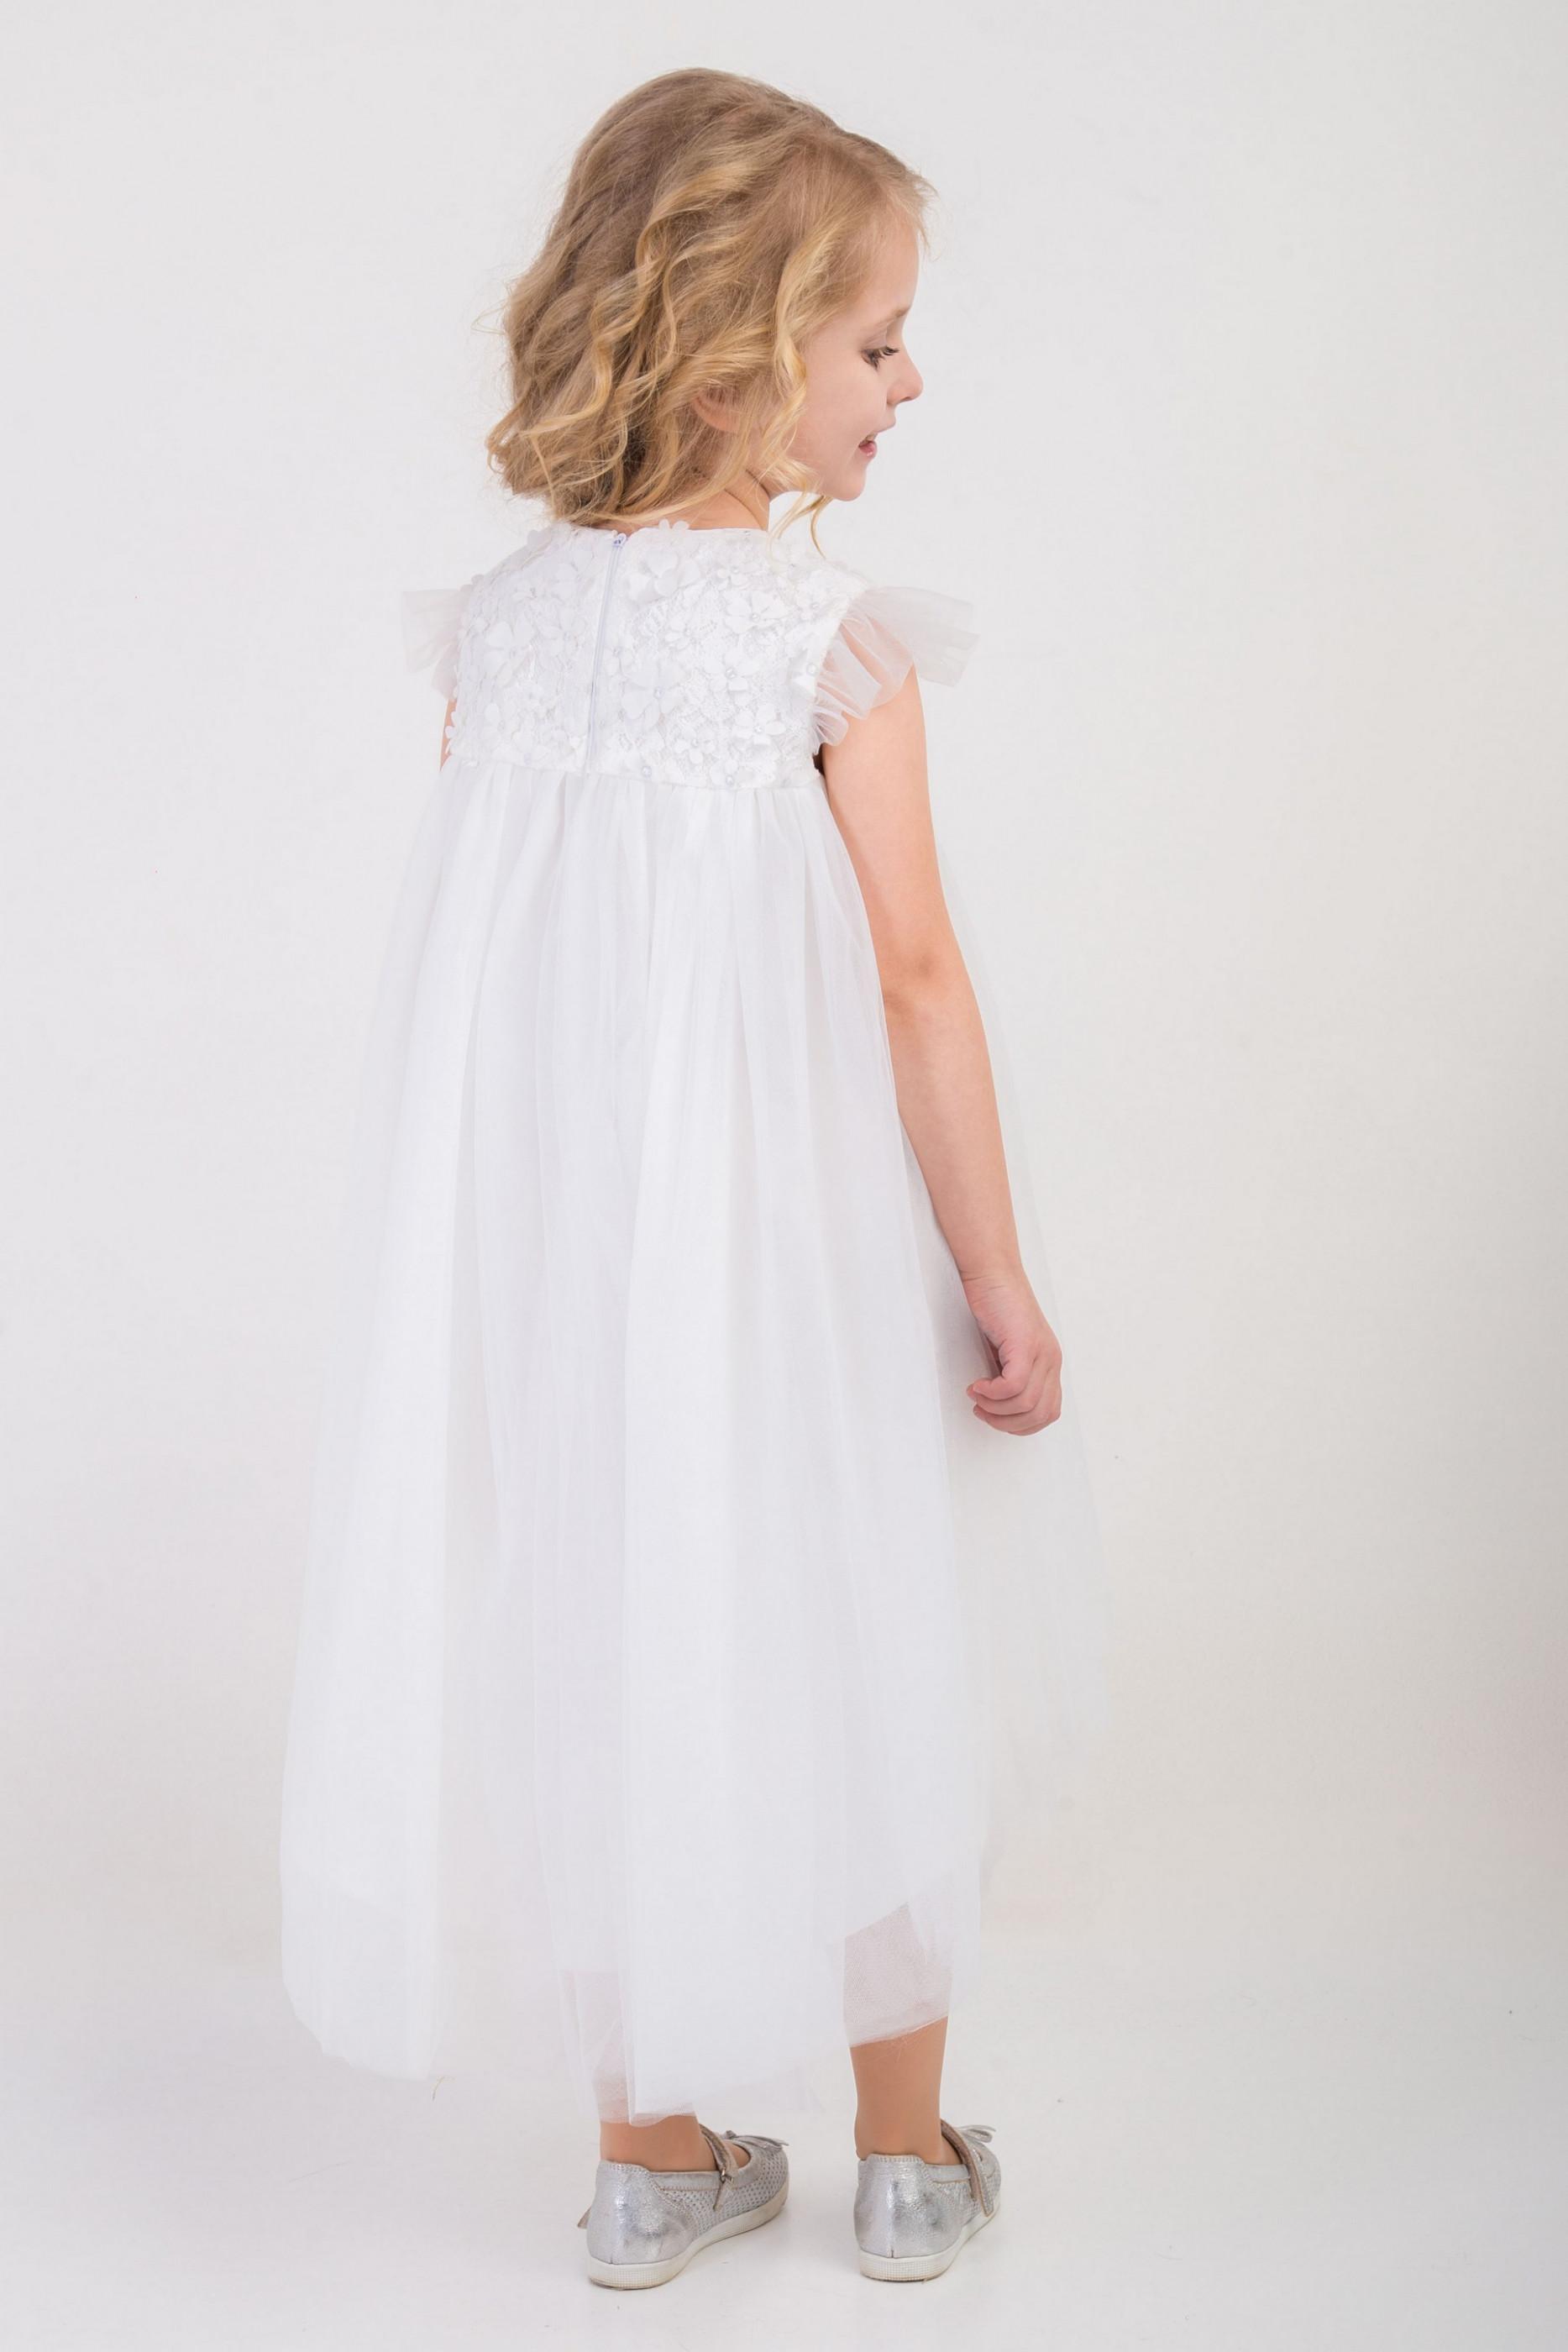 Плаття Ліліс, фото №4